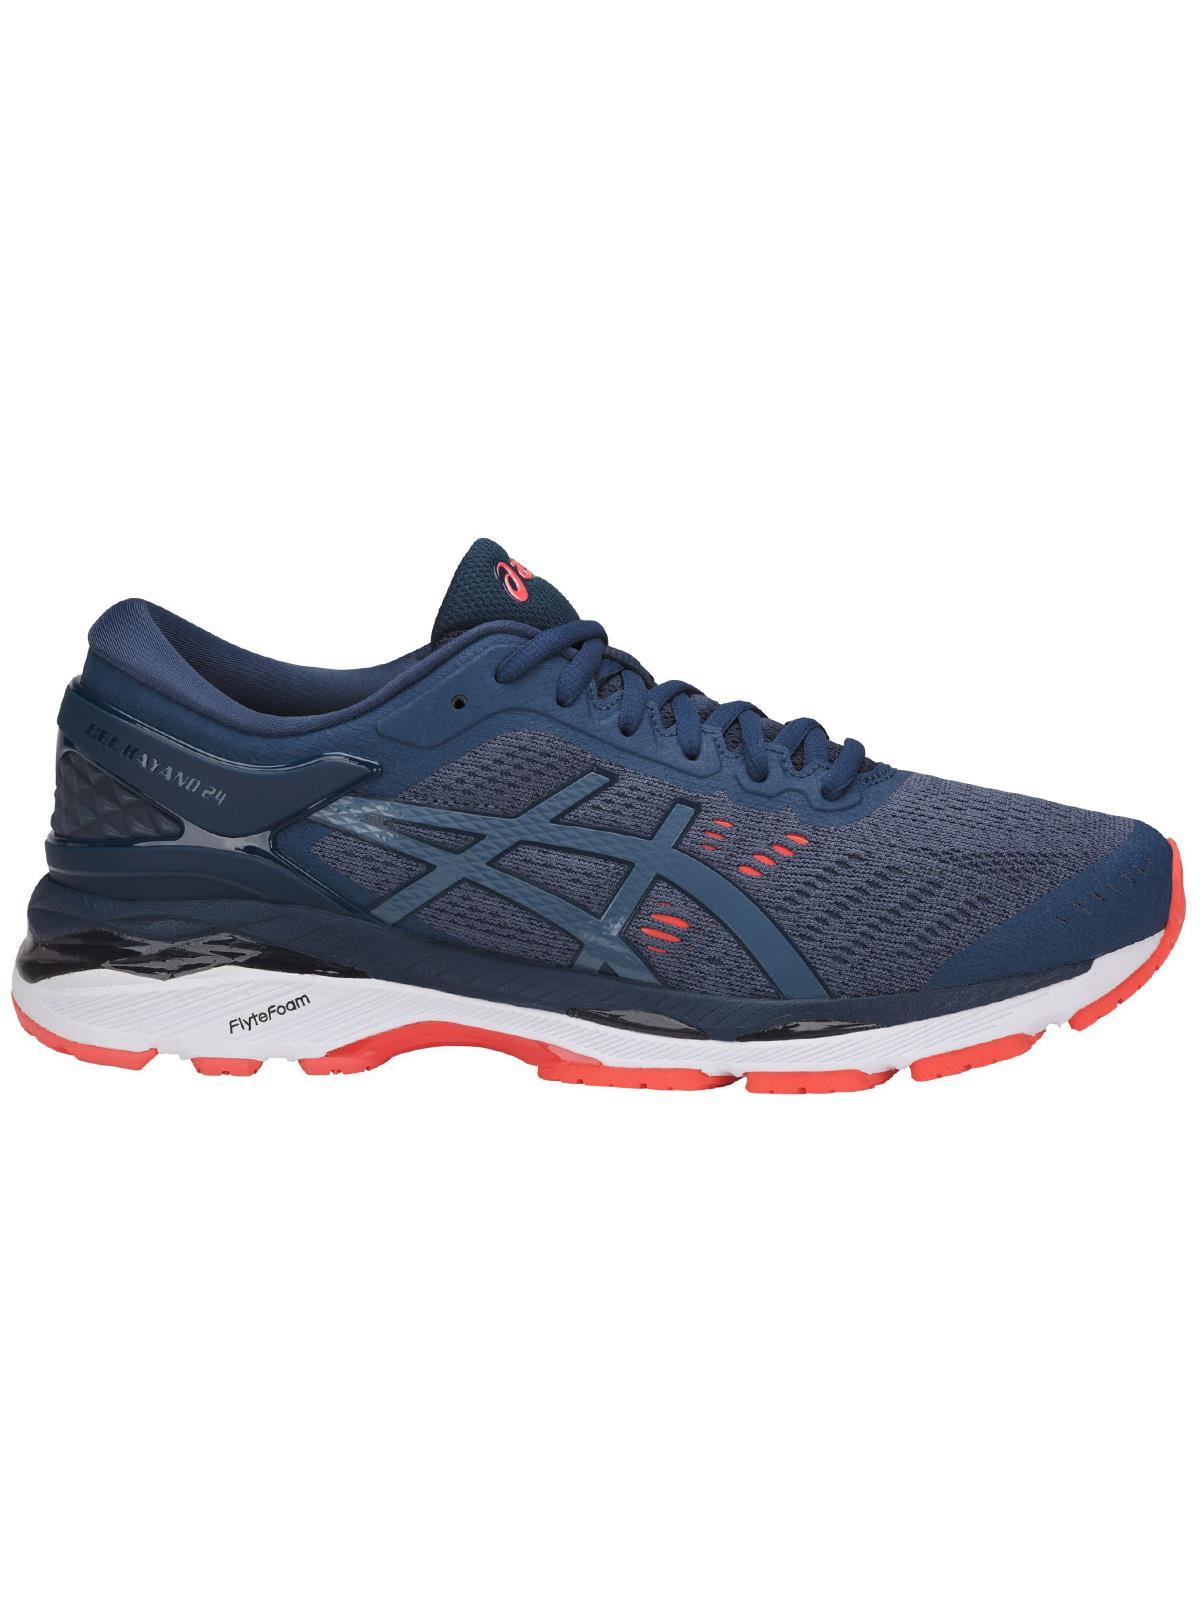 Asics Gel Kayano 24 scarpe running uomo ST749N 5656